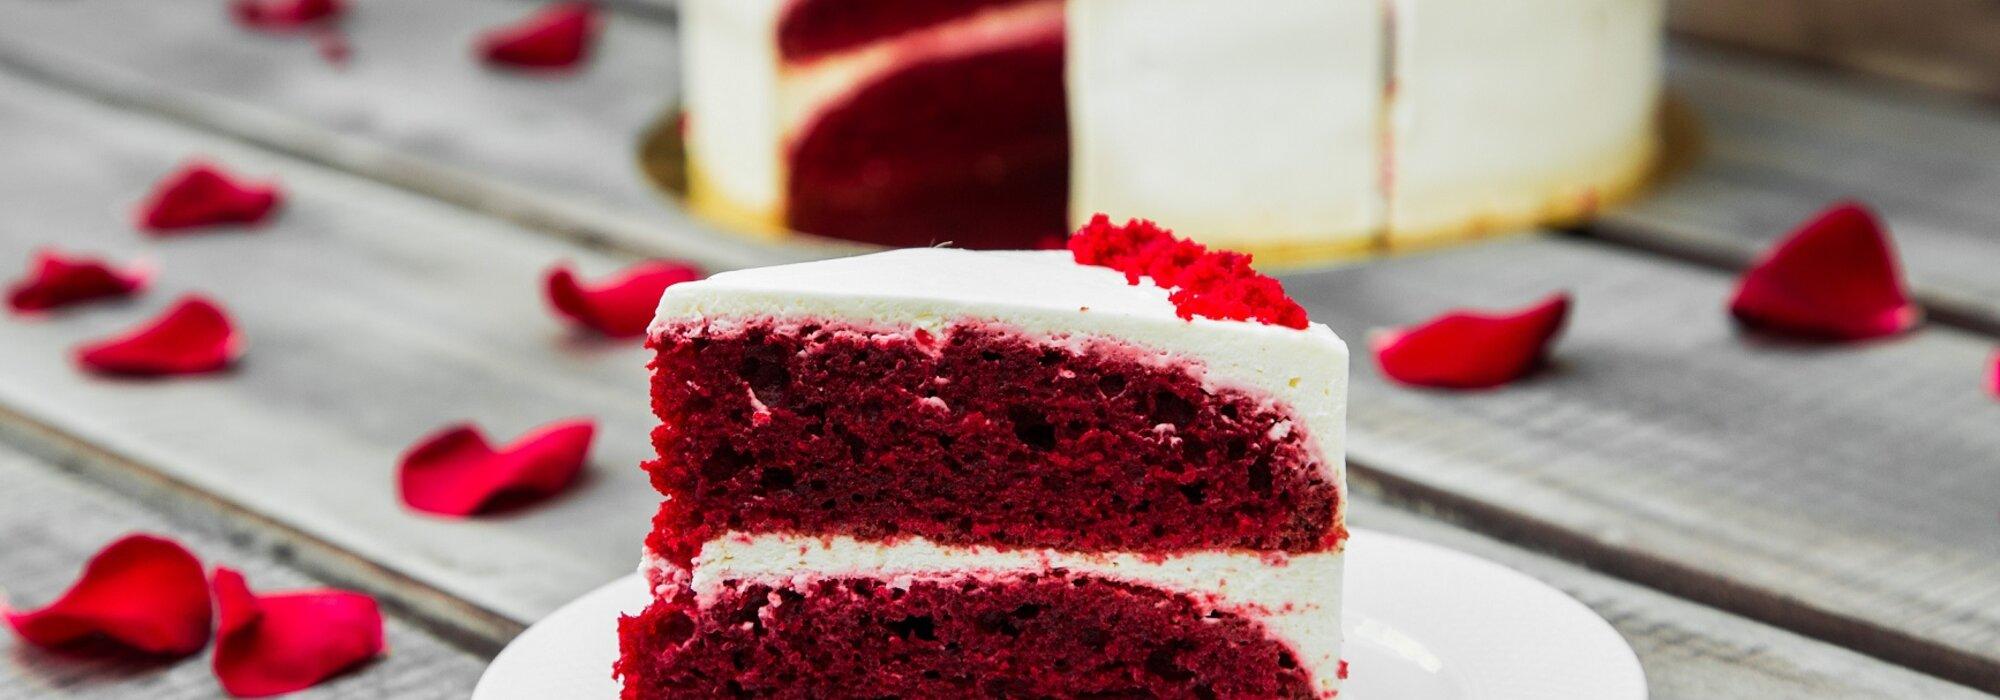 Koolhydraatarme en suikervrije Red Velvet Cake